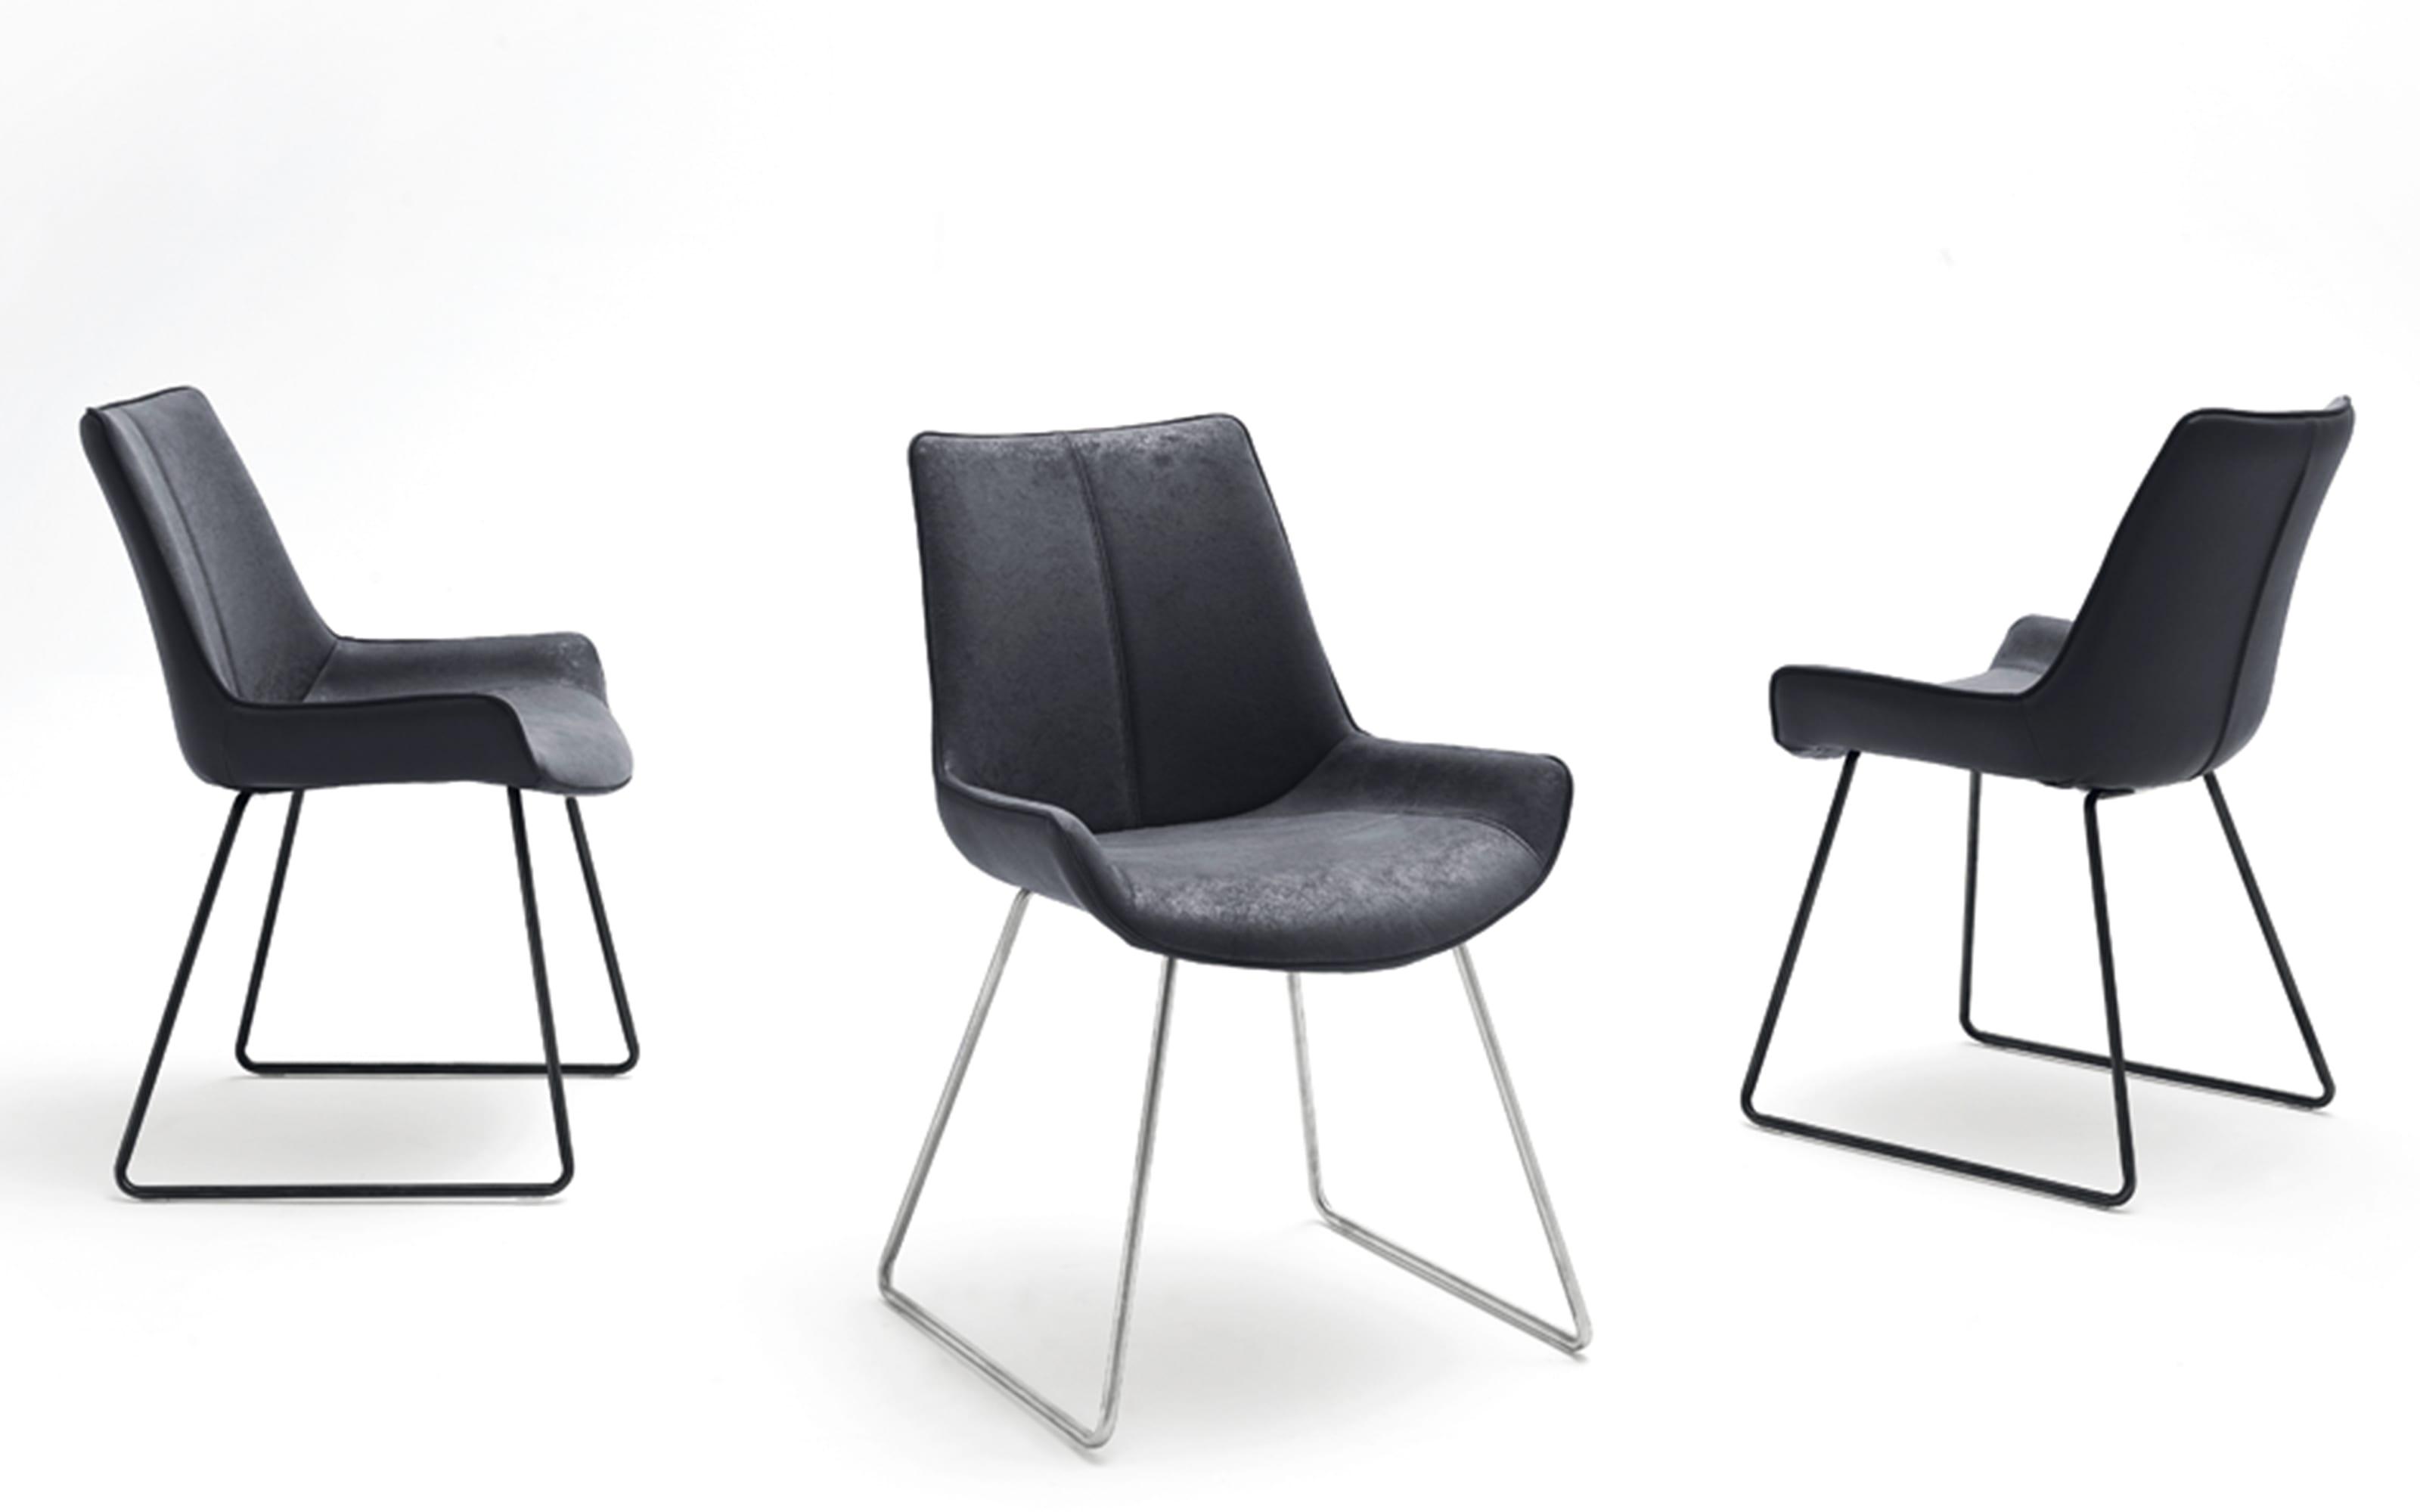 Stuhlgruppe 3039 in weiß / Riviera-Eiche, mit 6 Stühlen